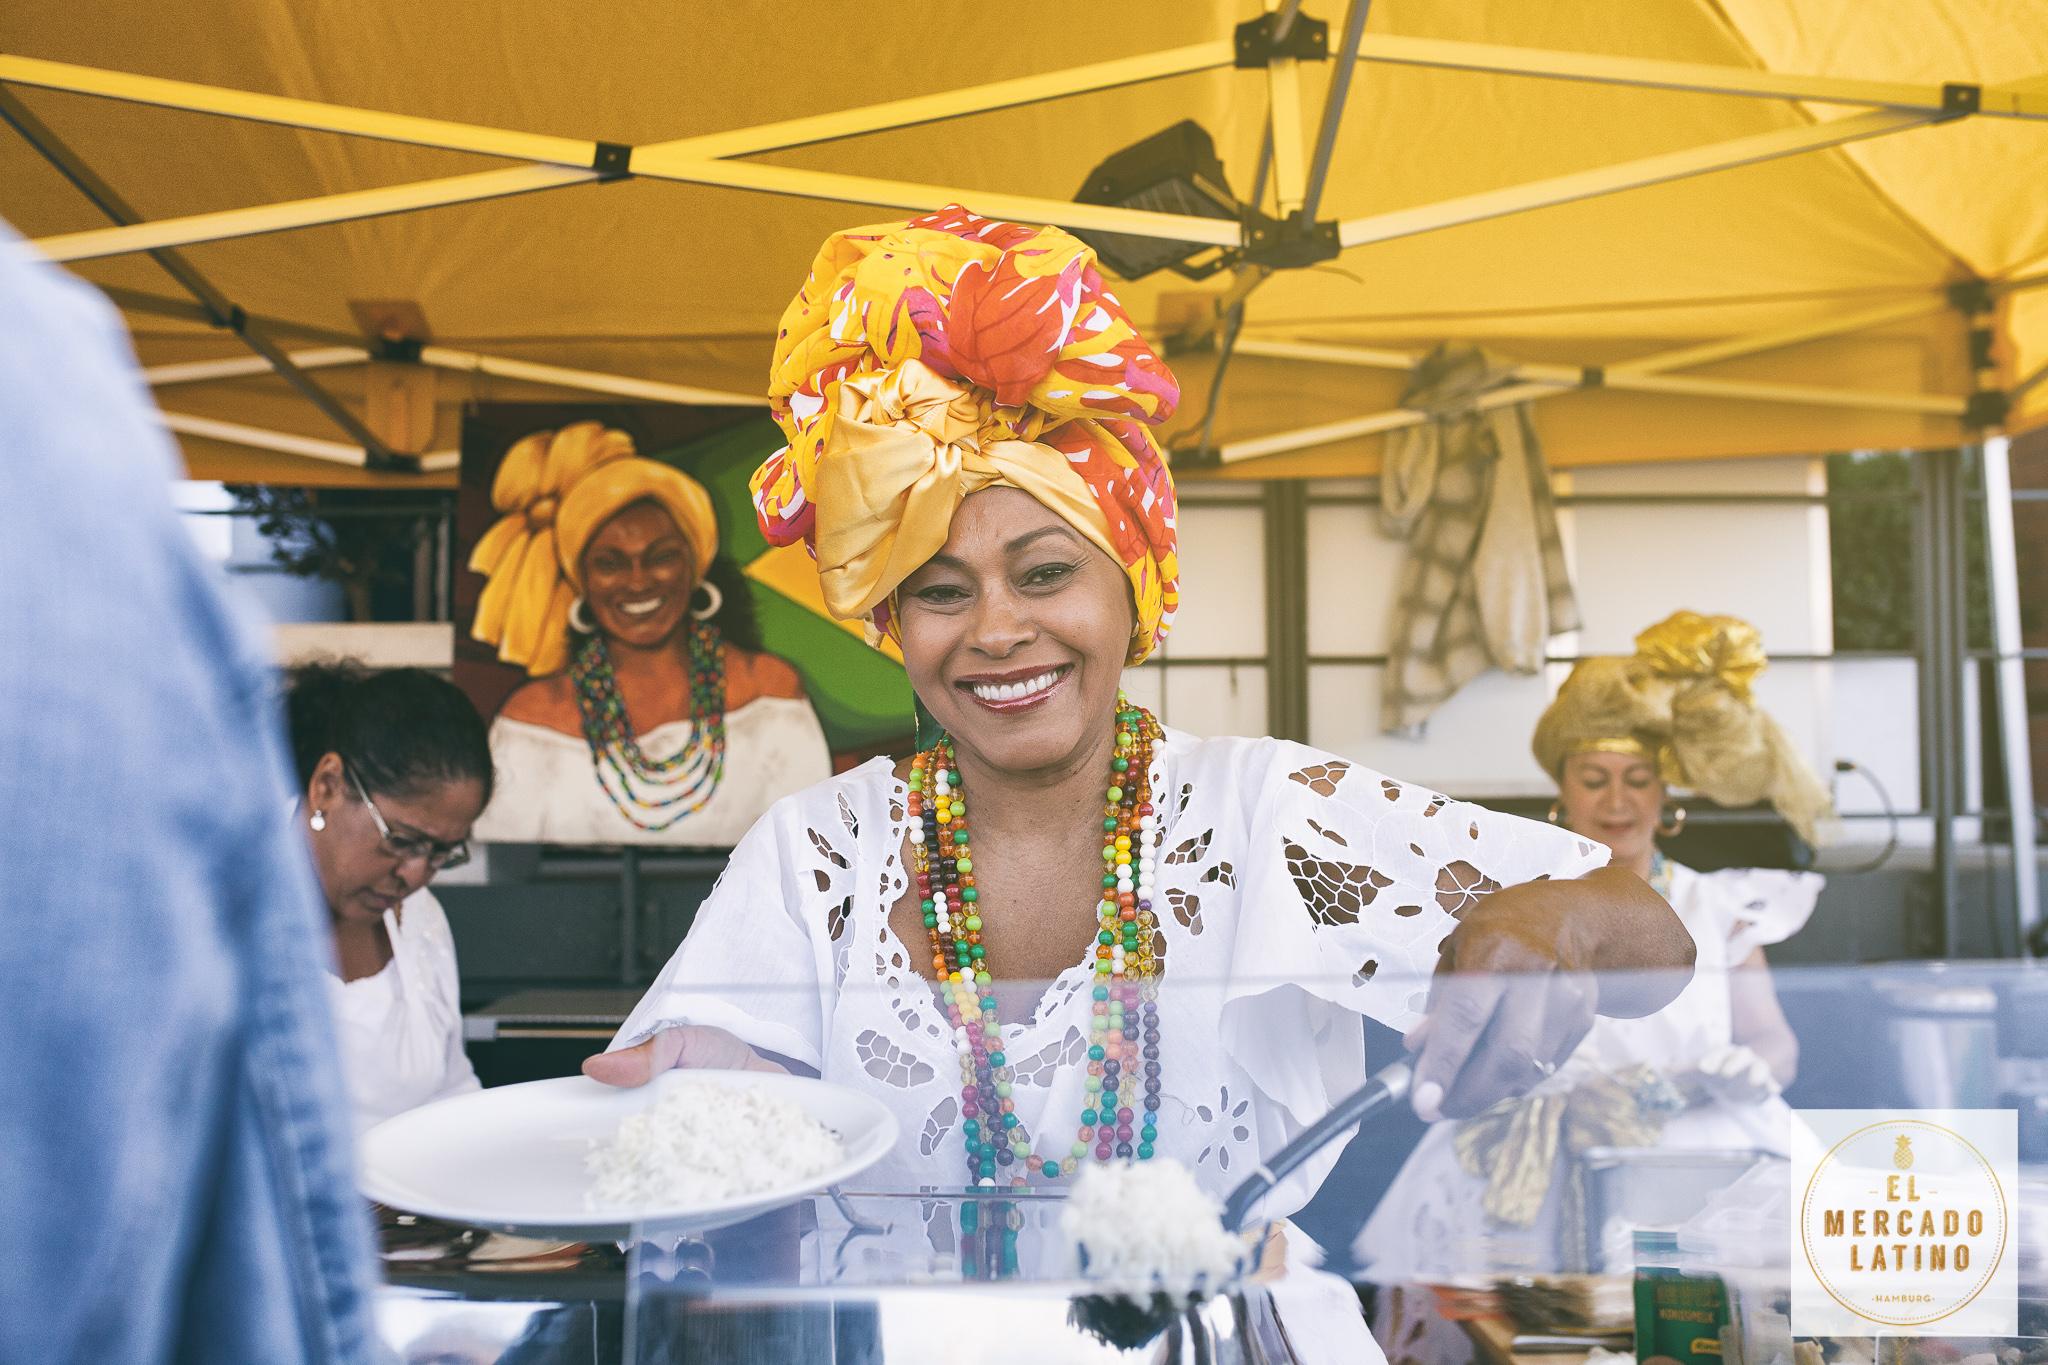 Jetzt wird's lecker: Beim El Mercado Latino erwartet dich Latin Street Food & Kultur! 😋